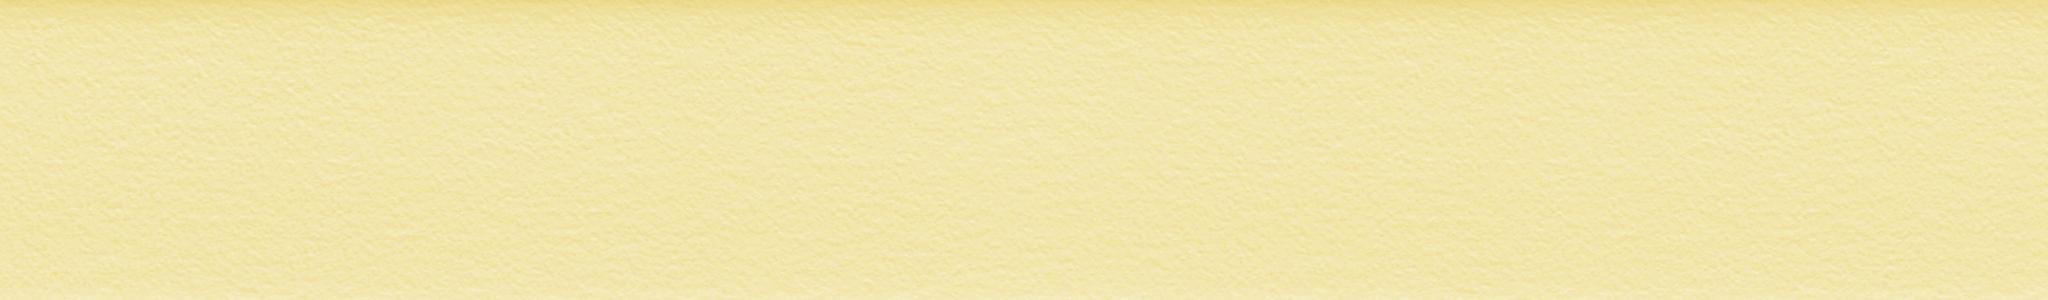 HU 110446 кромка ABS желтая жемчуг тонкая структура 107